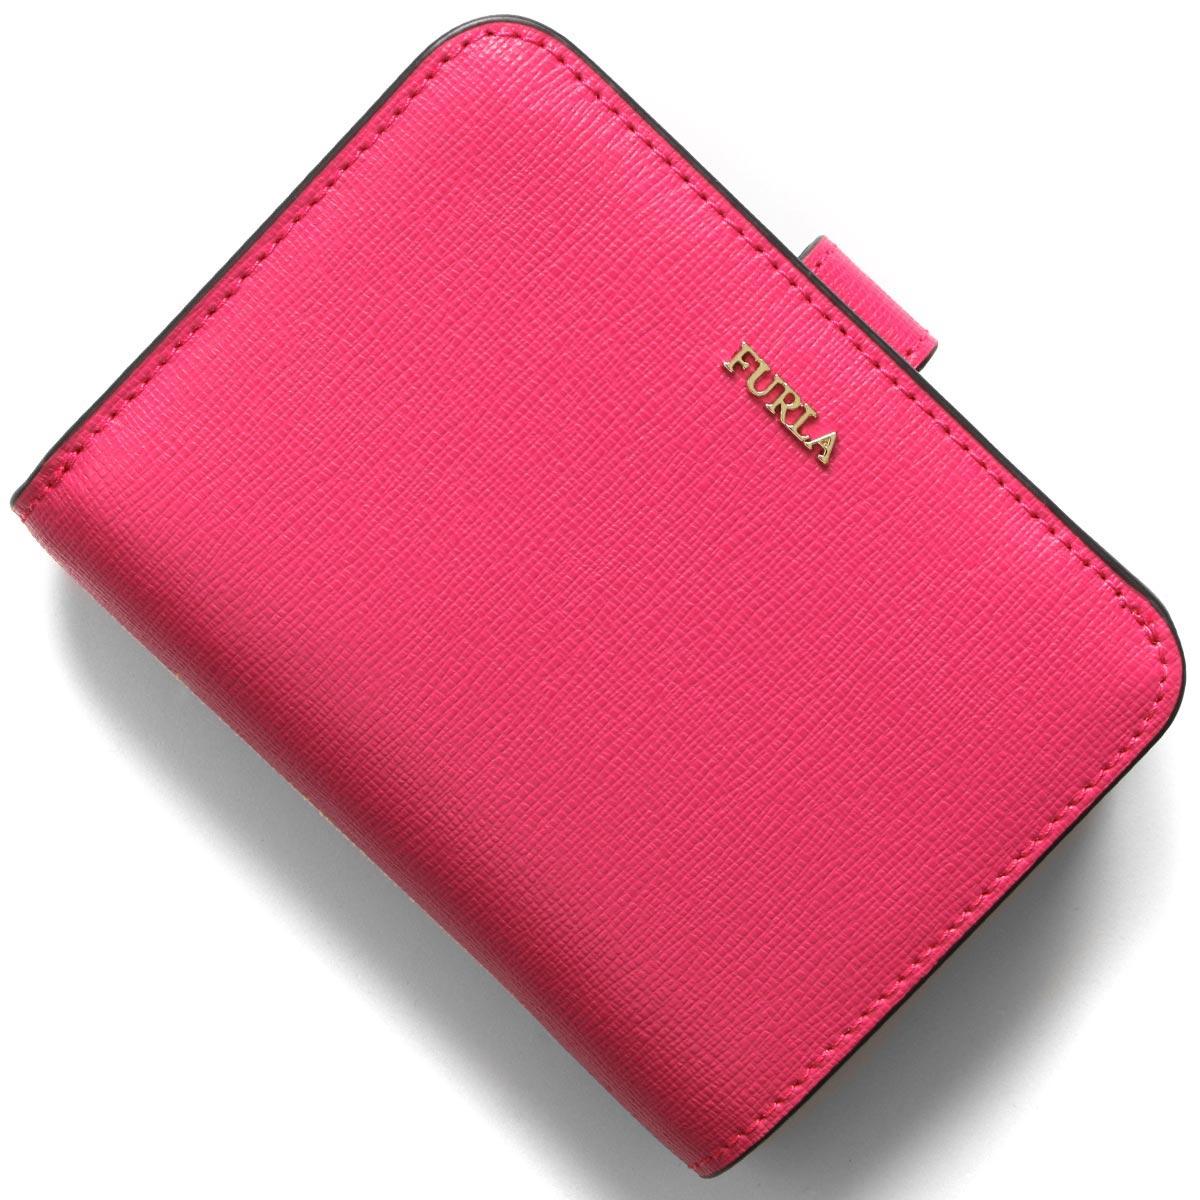 フルラ 二つ折り財布 財布 レディース バビロン スモール リップスティックピンク PBF8 B30 TJA 1046241 FURLA